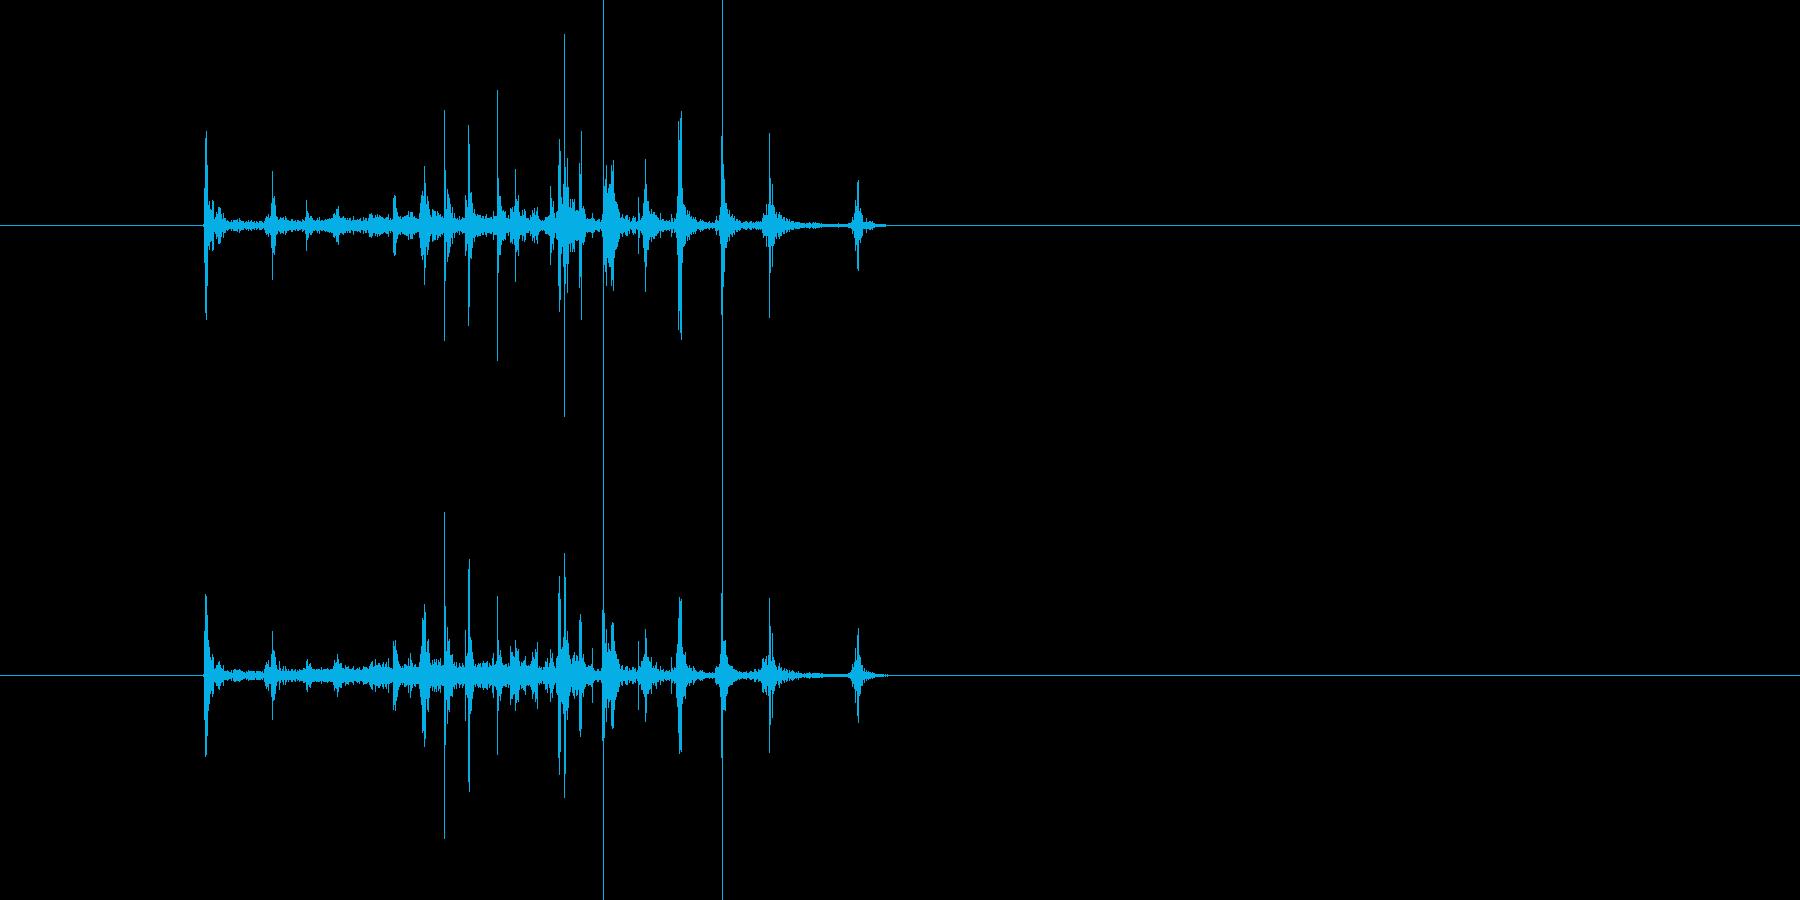 パラパラ漫画のように本を流す音の再生済みの波形